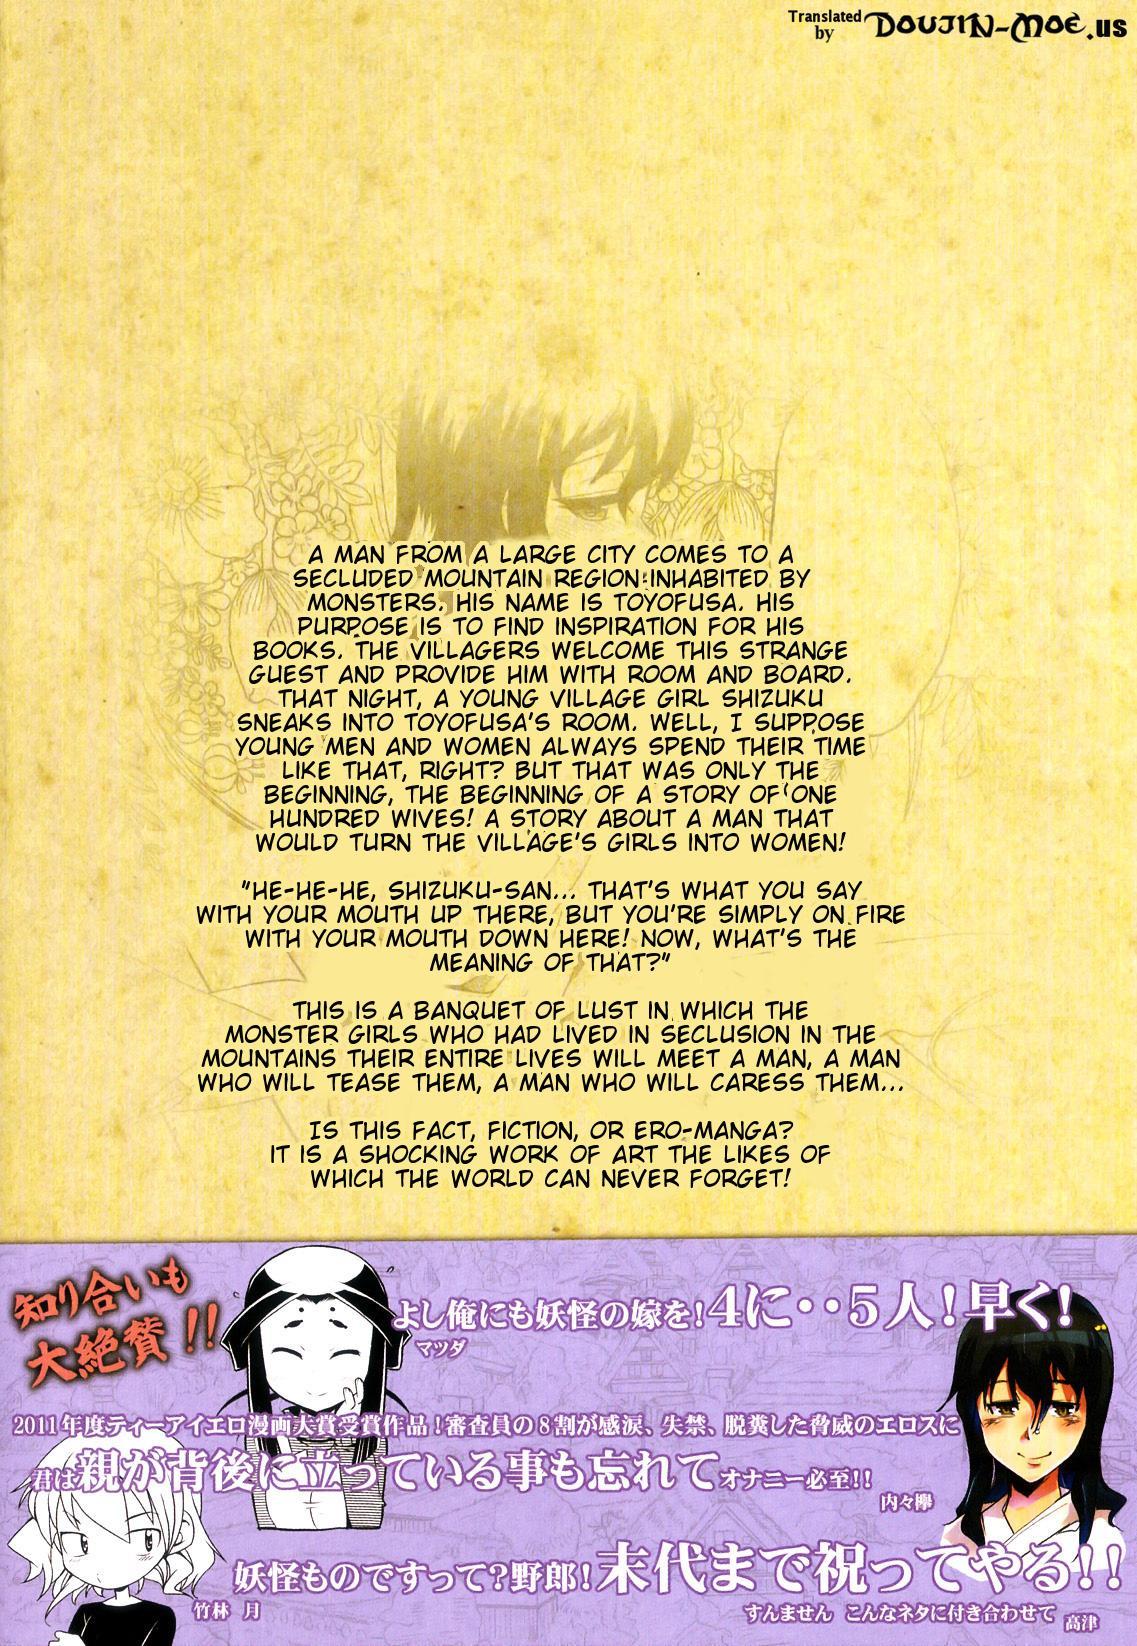 [Takatsu] DH! ~Himorogi Hyaku Yome Gatari~ | Demon-Hentai! - Shrine of One Hundred Wives [English] {doujin-moe.us} 3